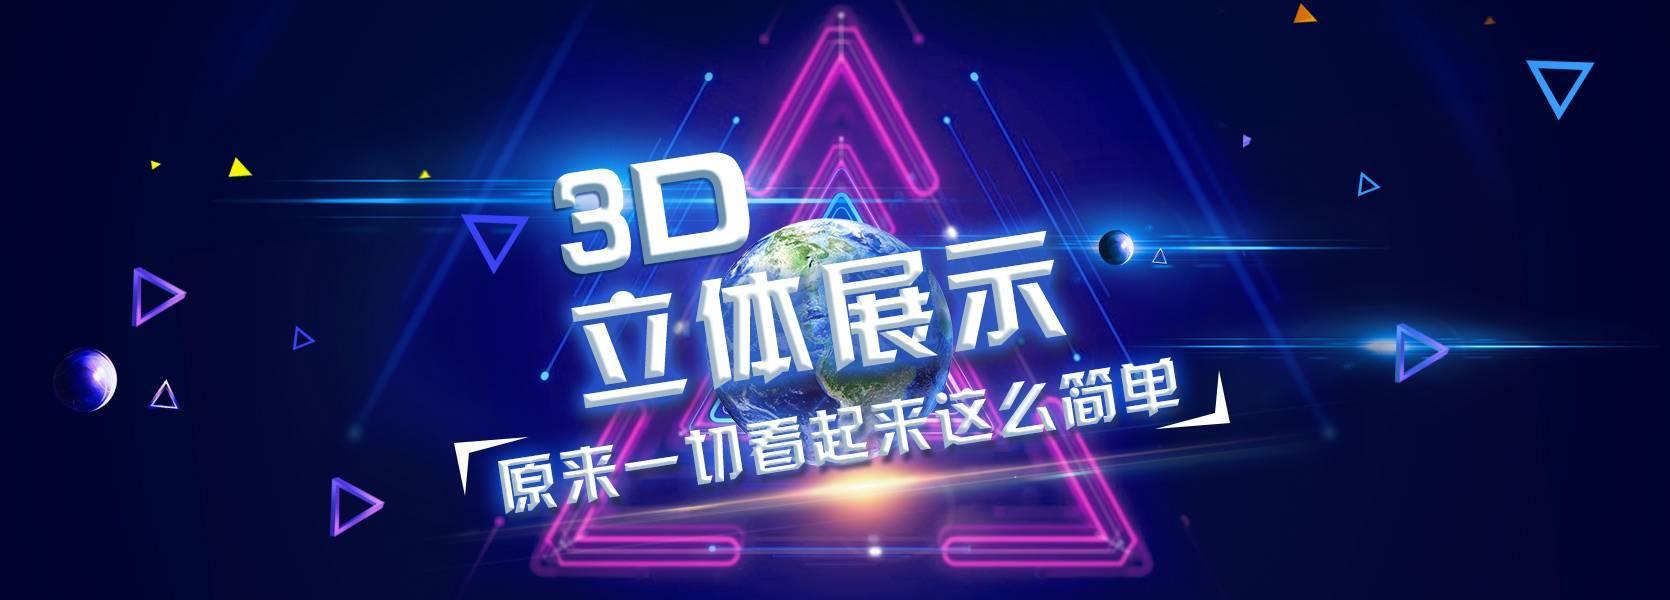 如何制作珠宝360度全景效果图?3D环物拍摄流程详解-酷雷曼全景问答